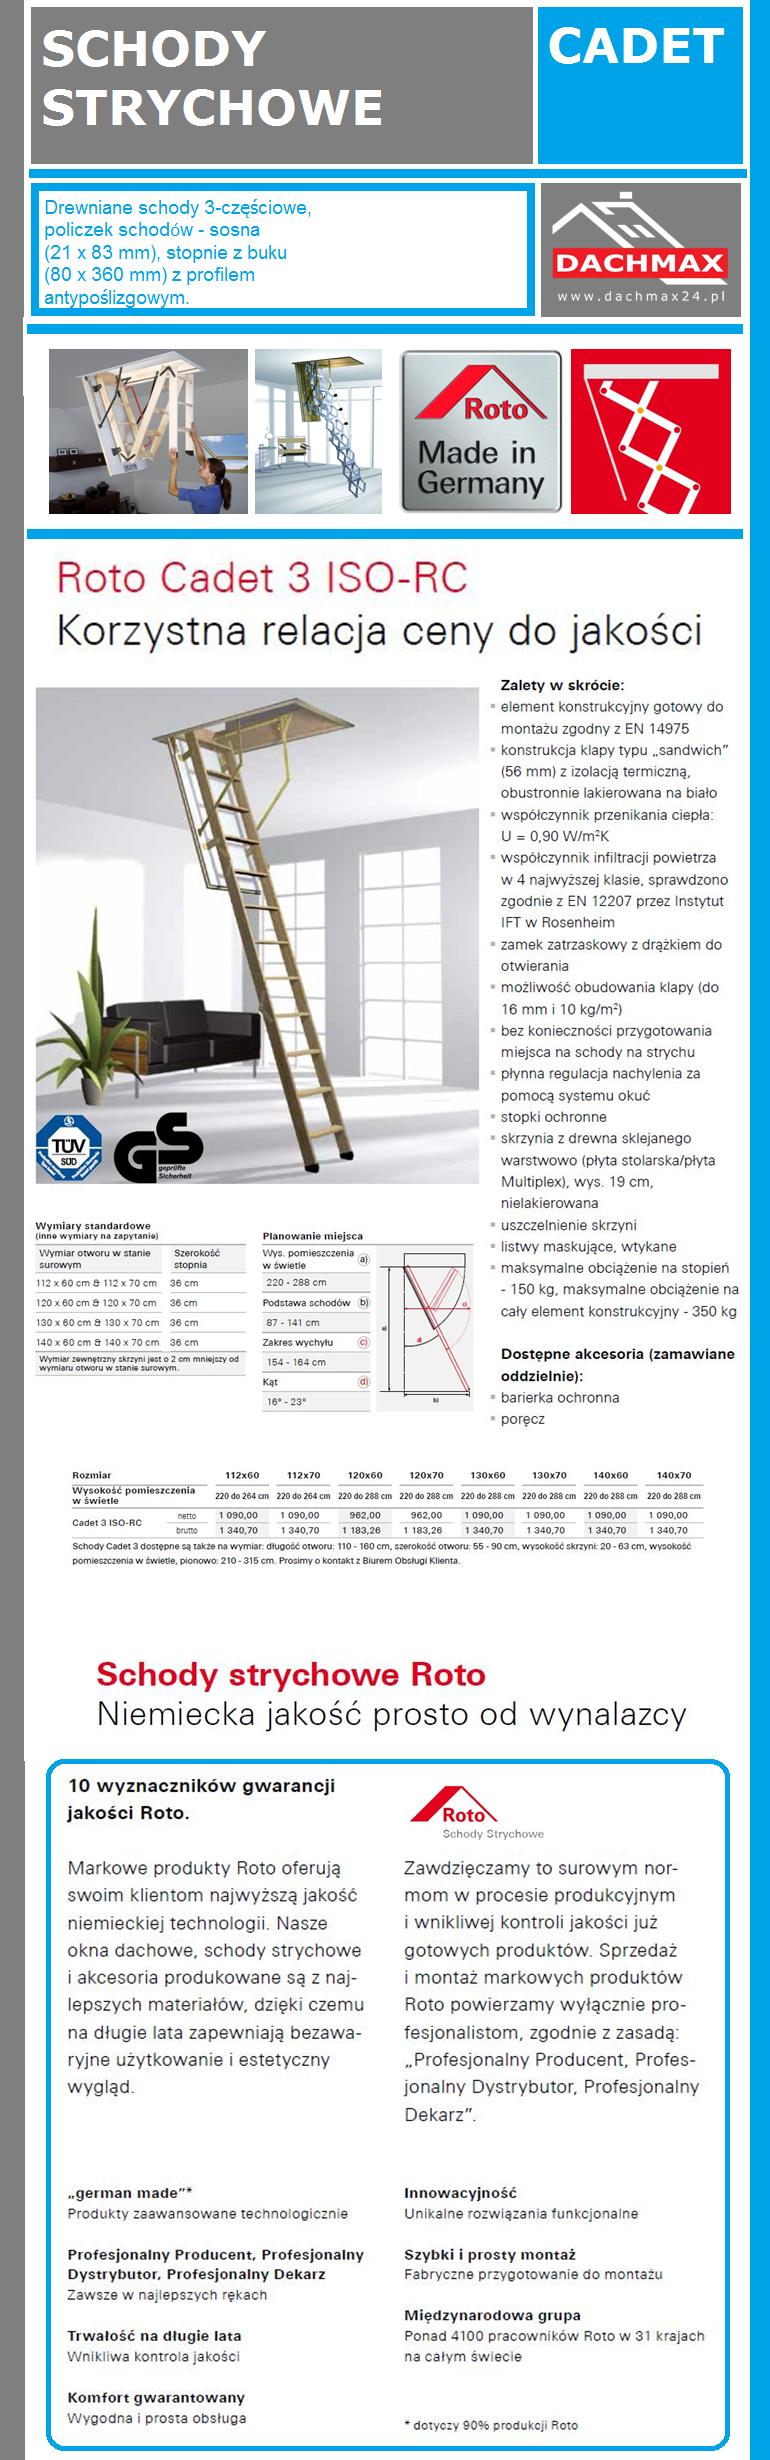 Cadet 3 ISO-RC ROTO Korzystna relacja ceny do jakości  SCHODY STRYCHOWE DREWNIANE